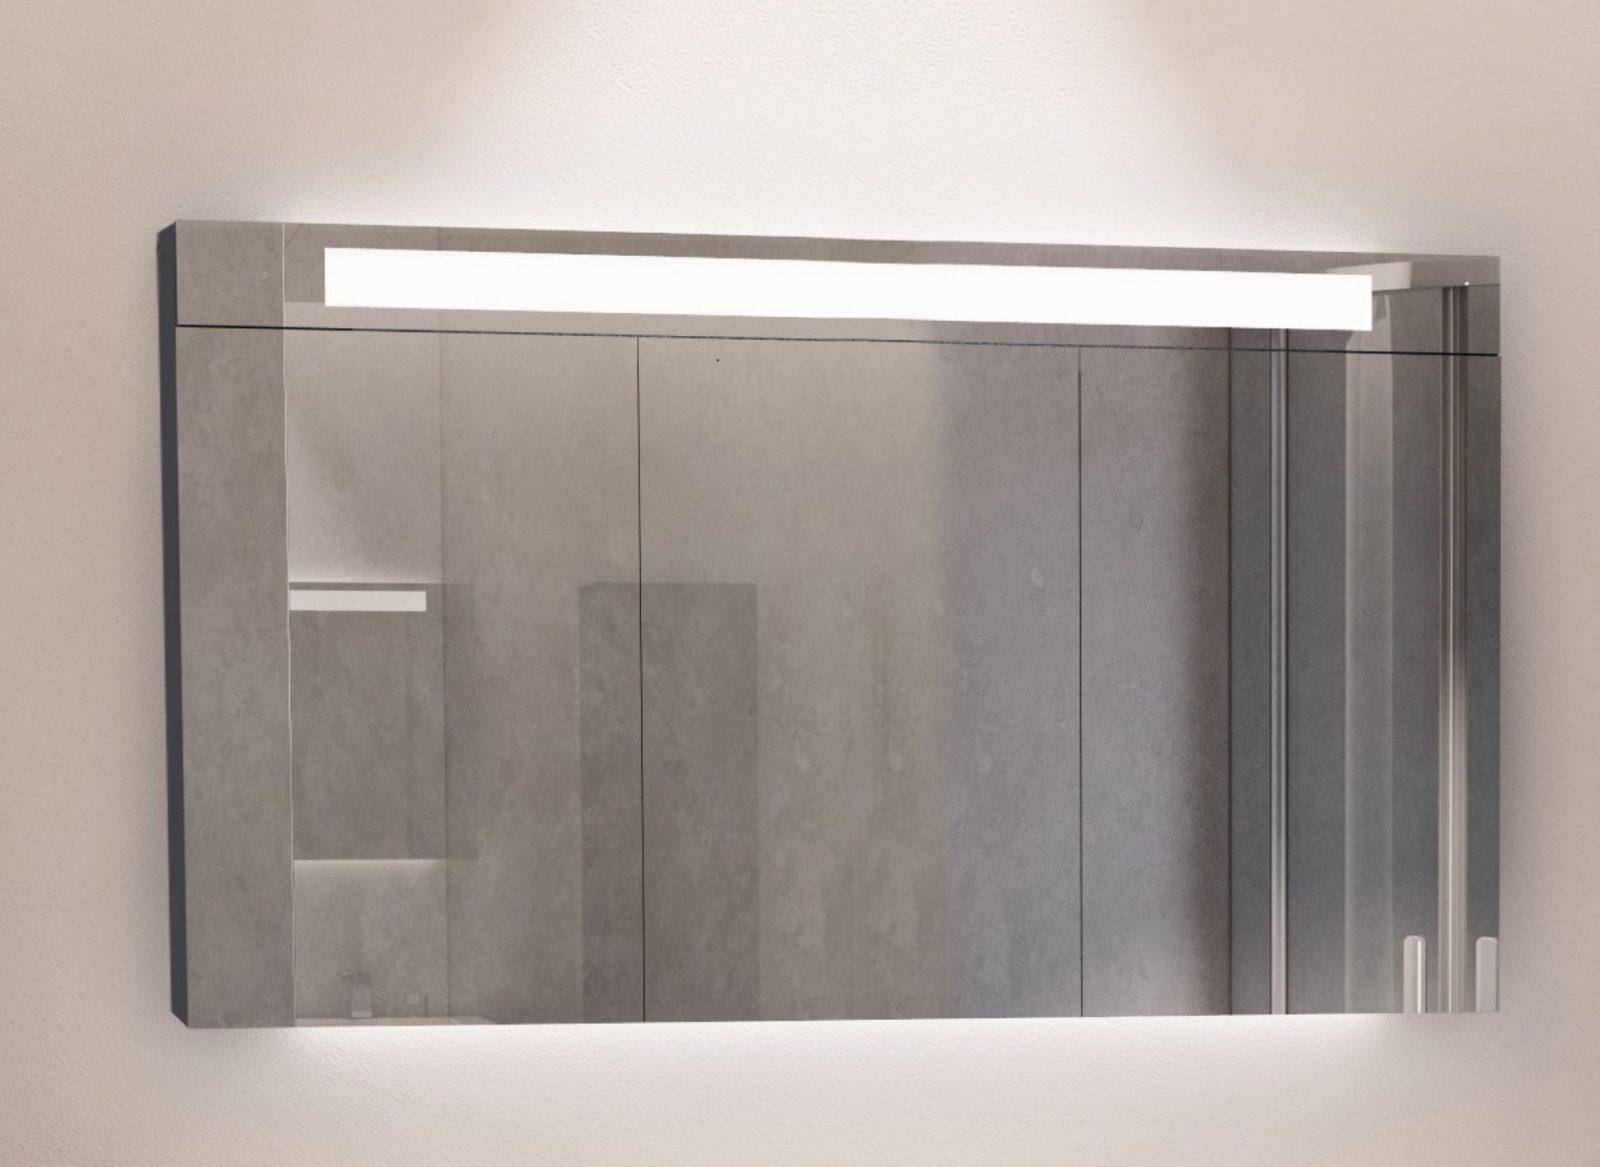 Riho Bringt Den Spiegelschrank Mit Integrierter Beleuchtung Auf Den von Bad Spiegelschrank Mit Beleuchtung Günstig Photo